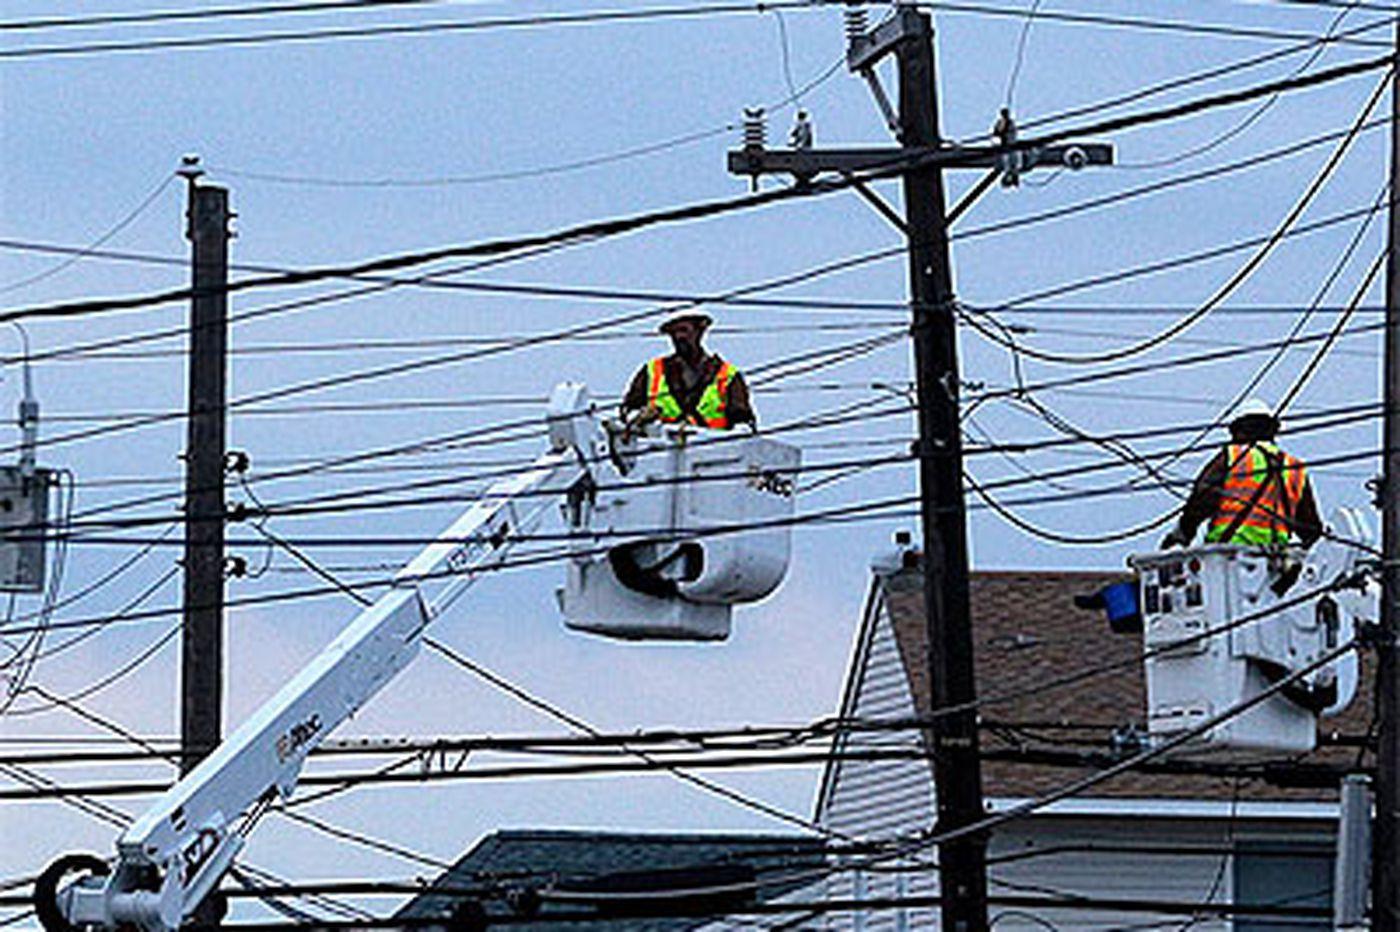 Fitful progress on restoring power across region